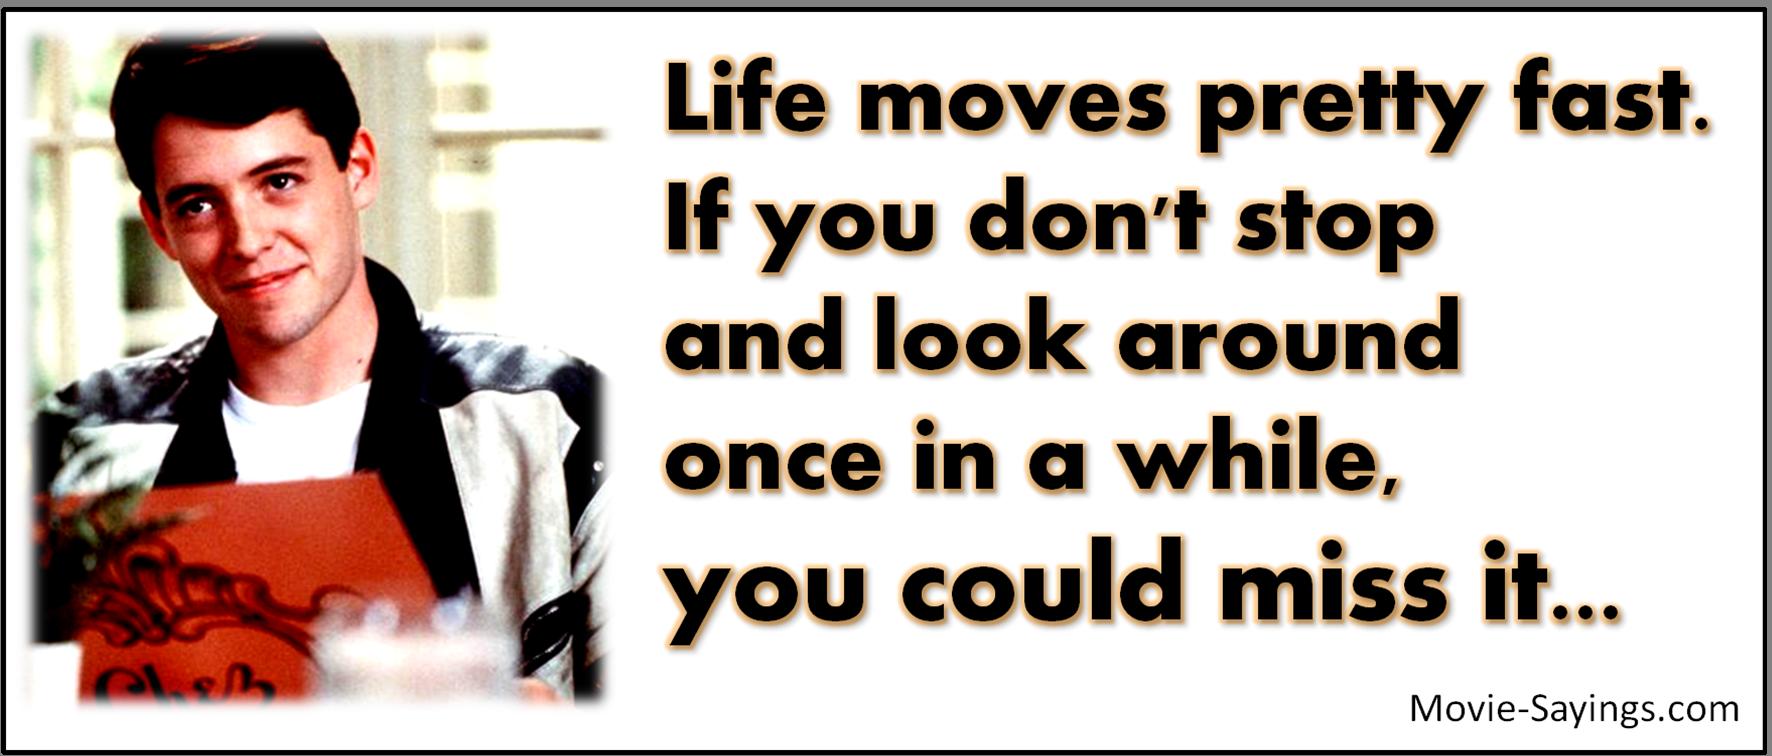 Ferris Bueller Life Moves Pretty Fast Quote Ferris_Bueller_Quotes  Ferris Bueller Quotes  Pinterest